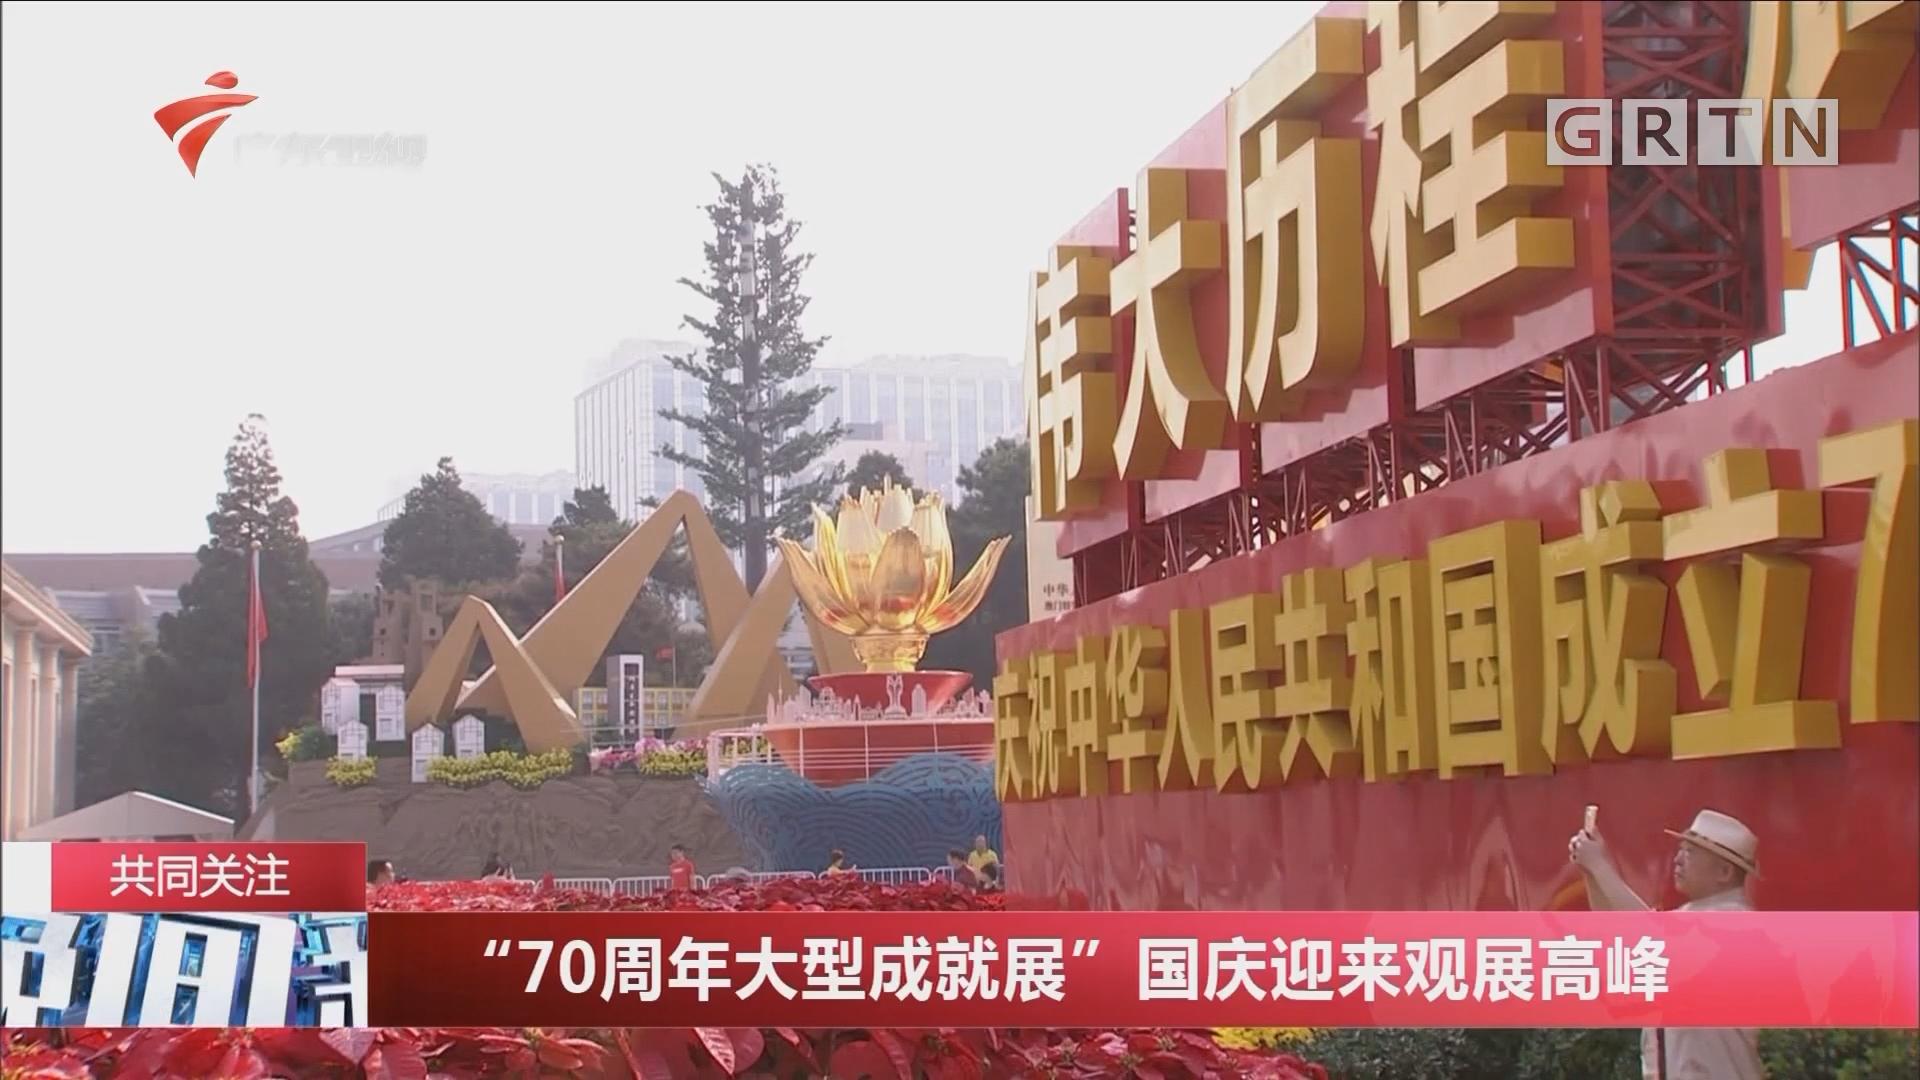 """""""70周年大型成就展"""" 国庆迎来观展高峰"""